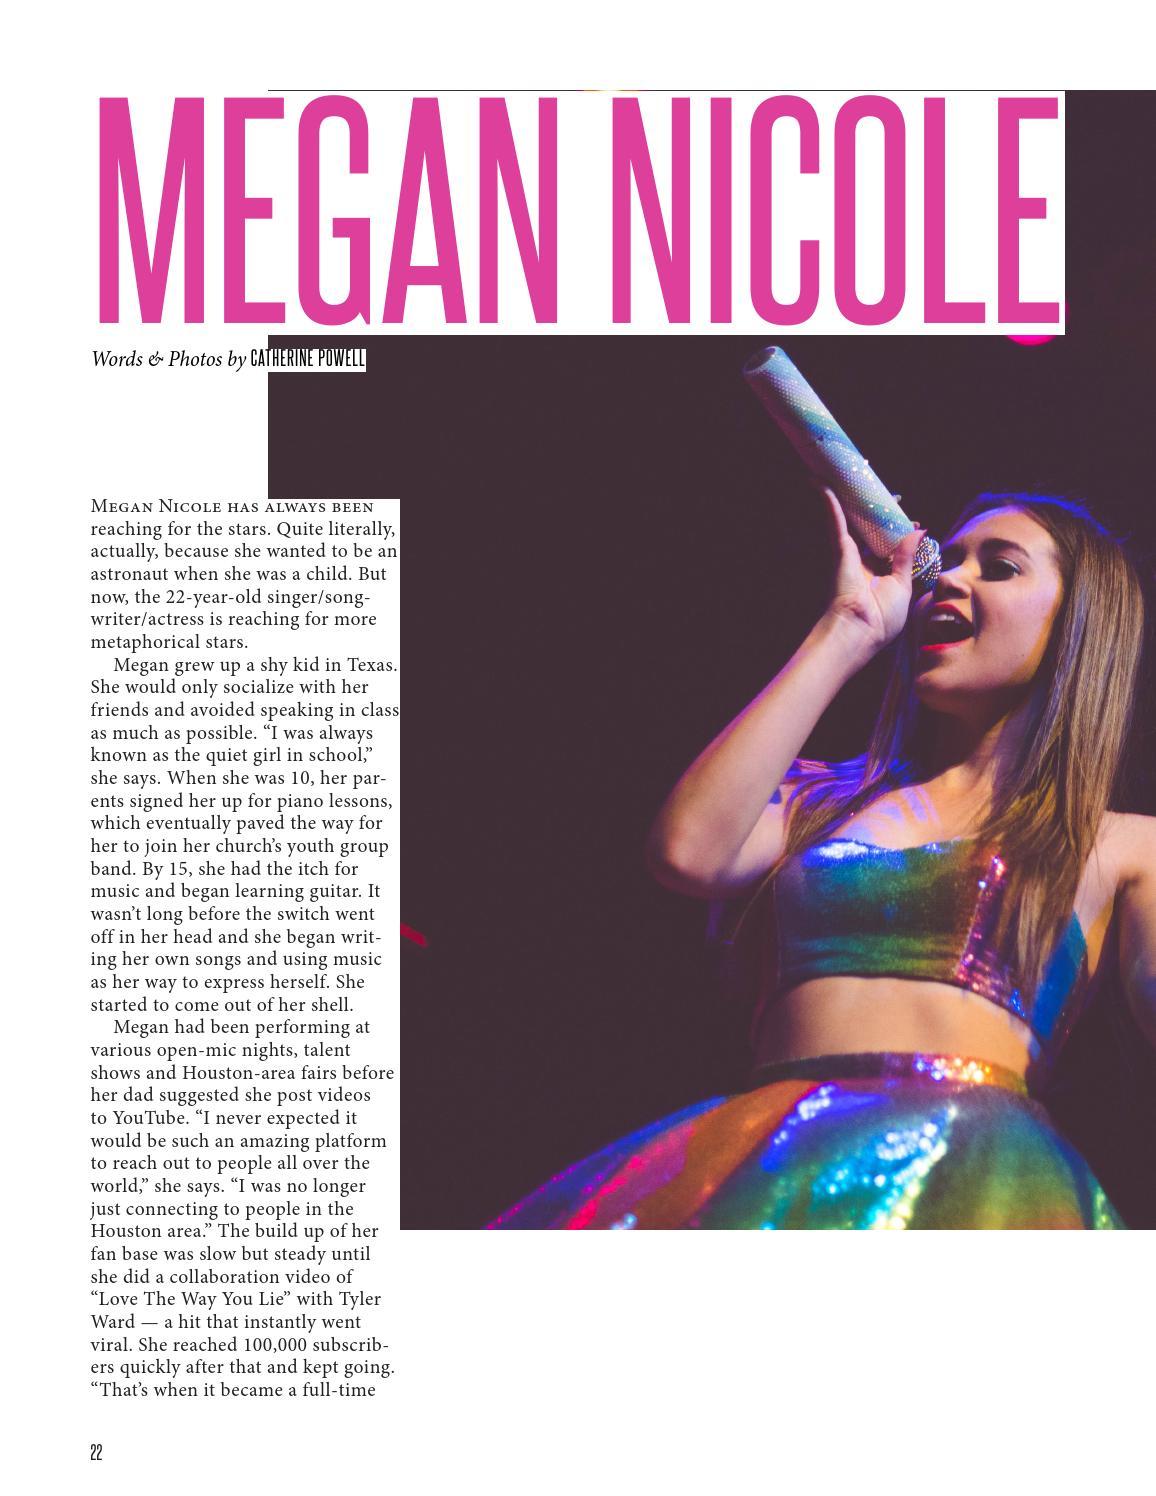 Megan Nicole NKD Magazine